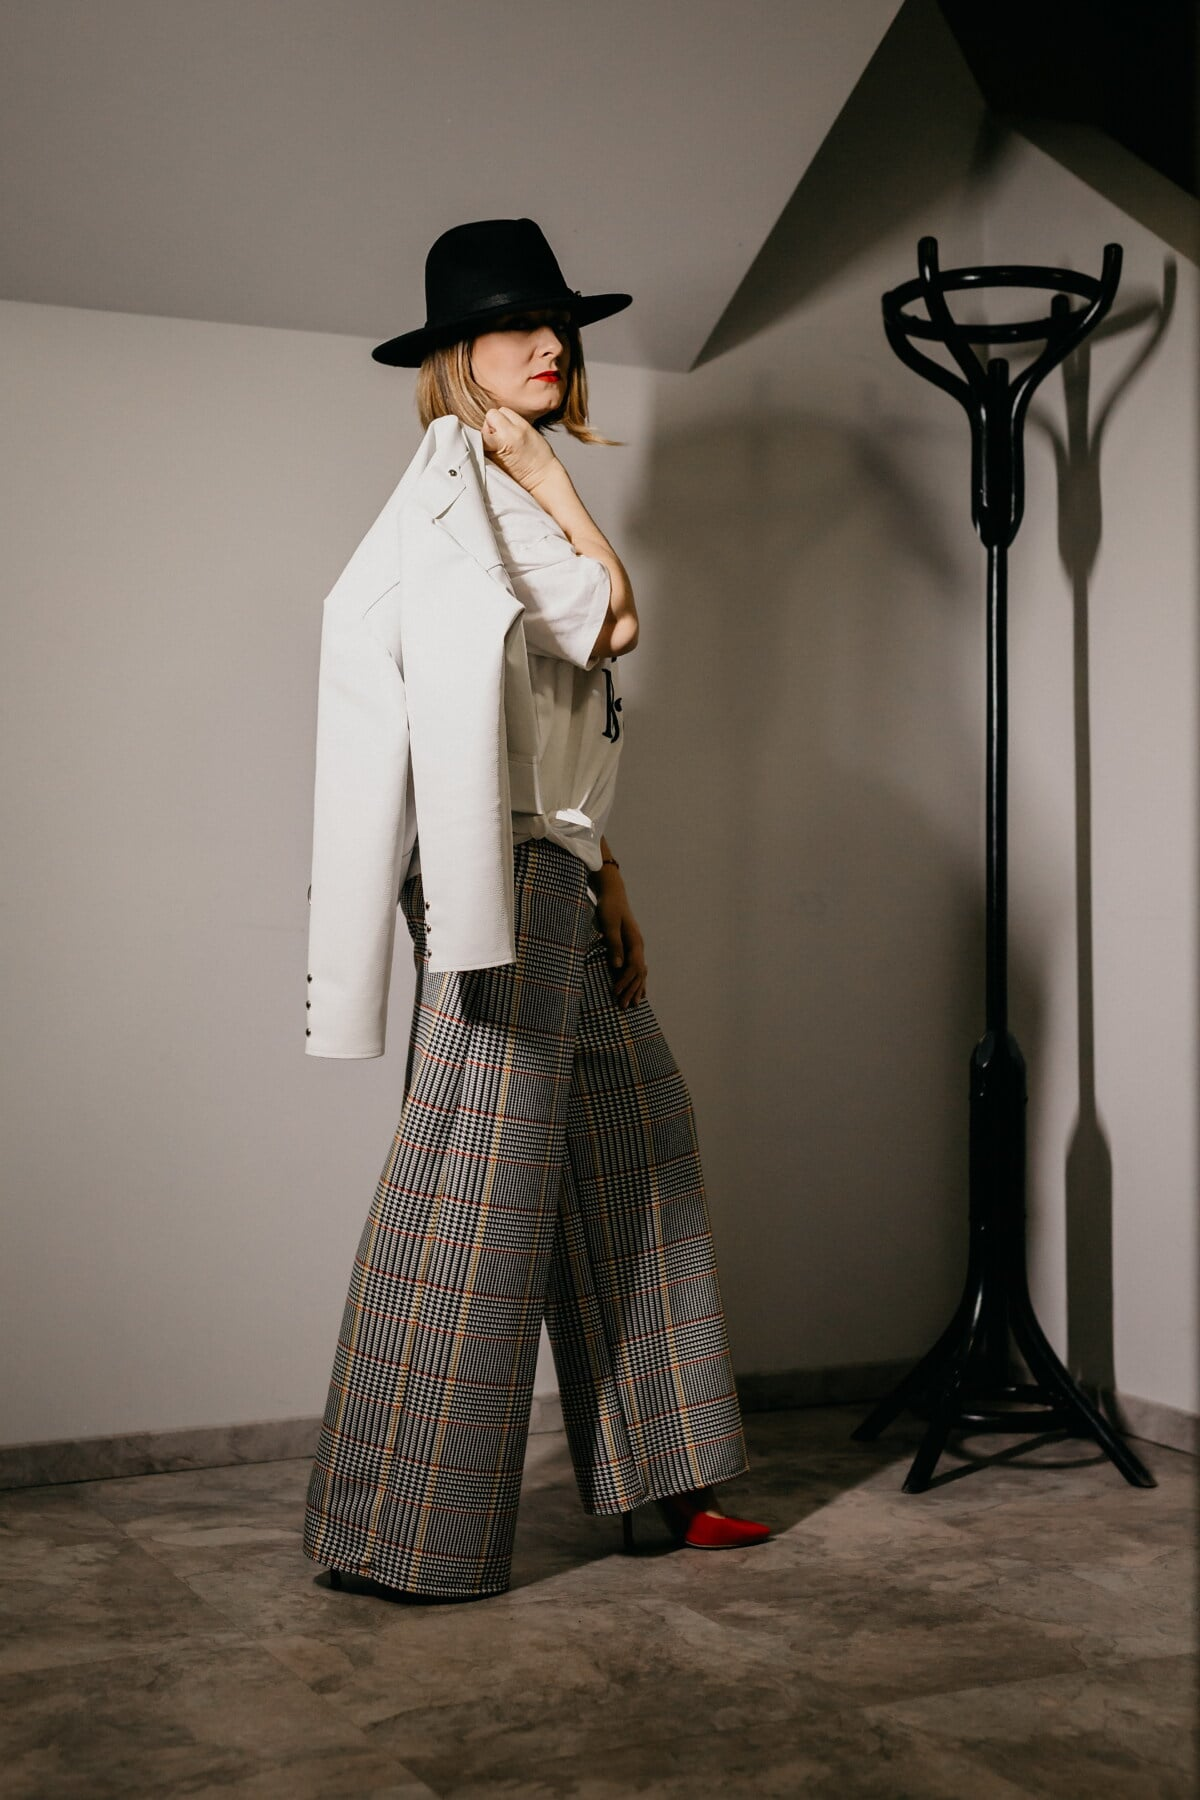 Geschäftsfrau, Outfit, Hut, Schwarz, weiß, Mantel, Mode, Kleidungsstück, Modell, Mädchen